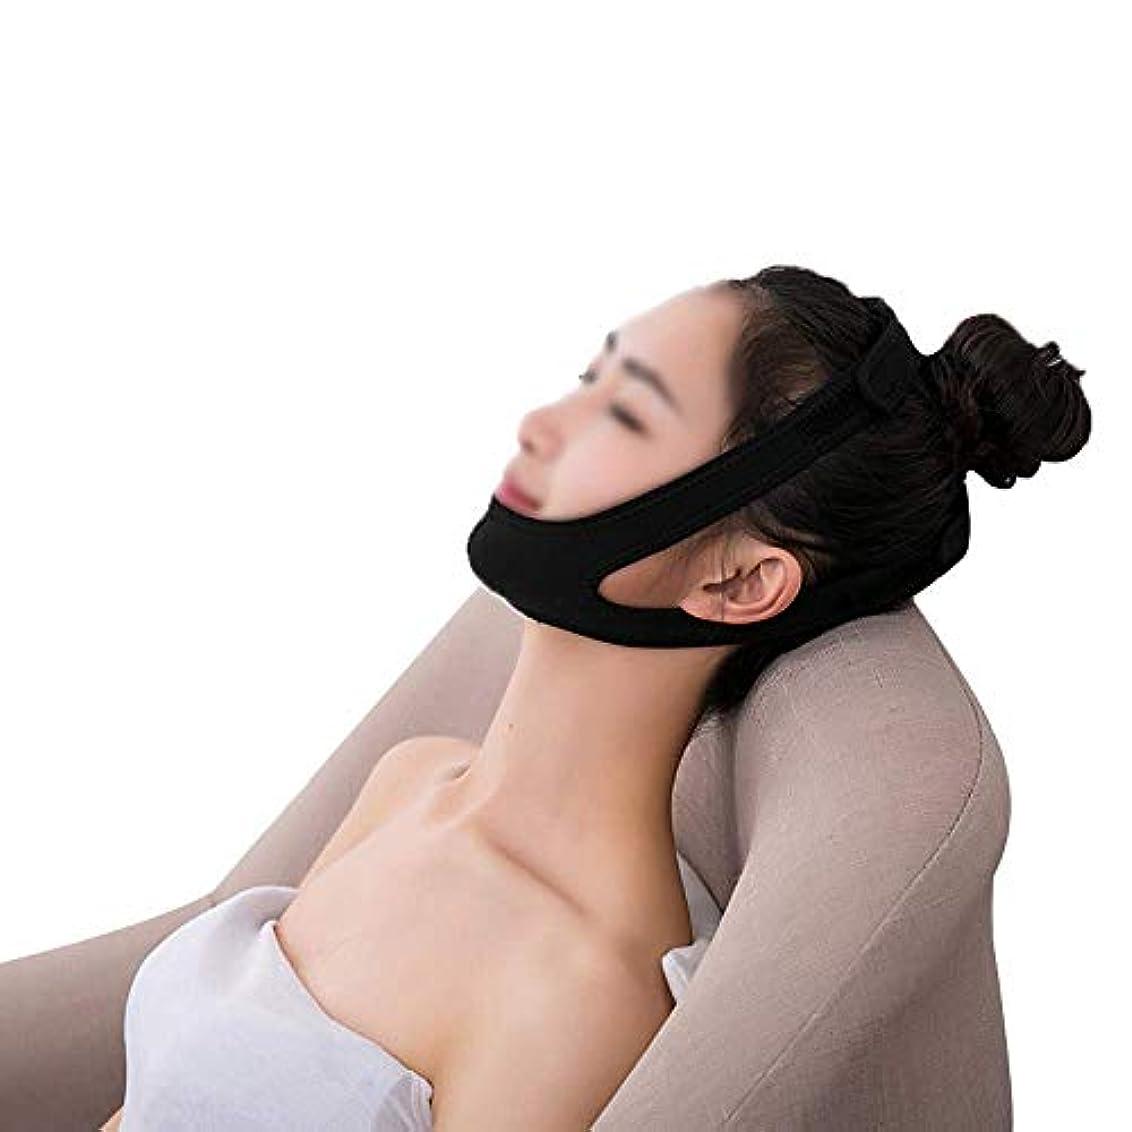 影響間違っている権威ファーミングフェイスマスク、術後リフティングマスクホーム包帯揺れネットワーク赤女性vフェイスステッカーストラップ楽器顔アーティファクト